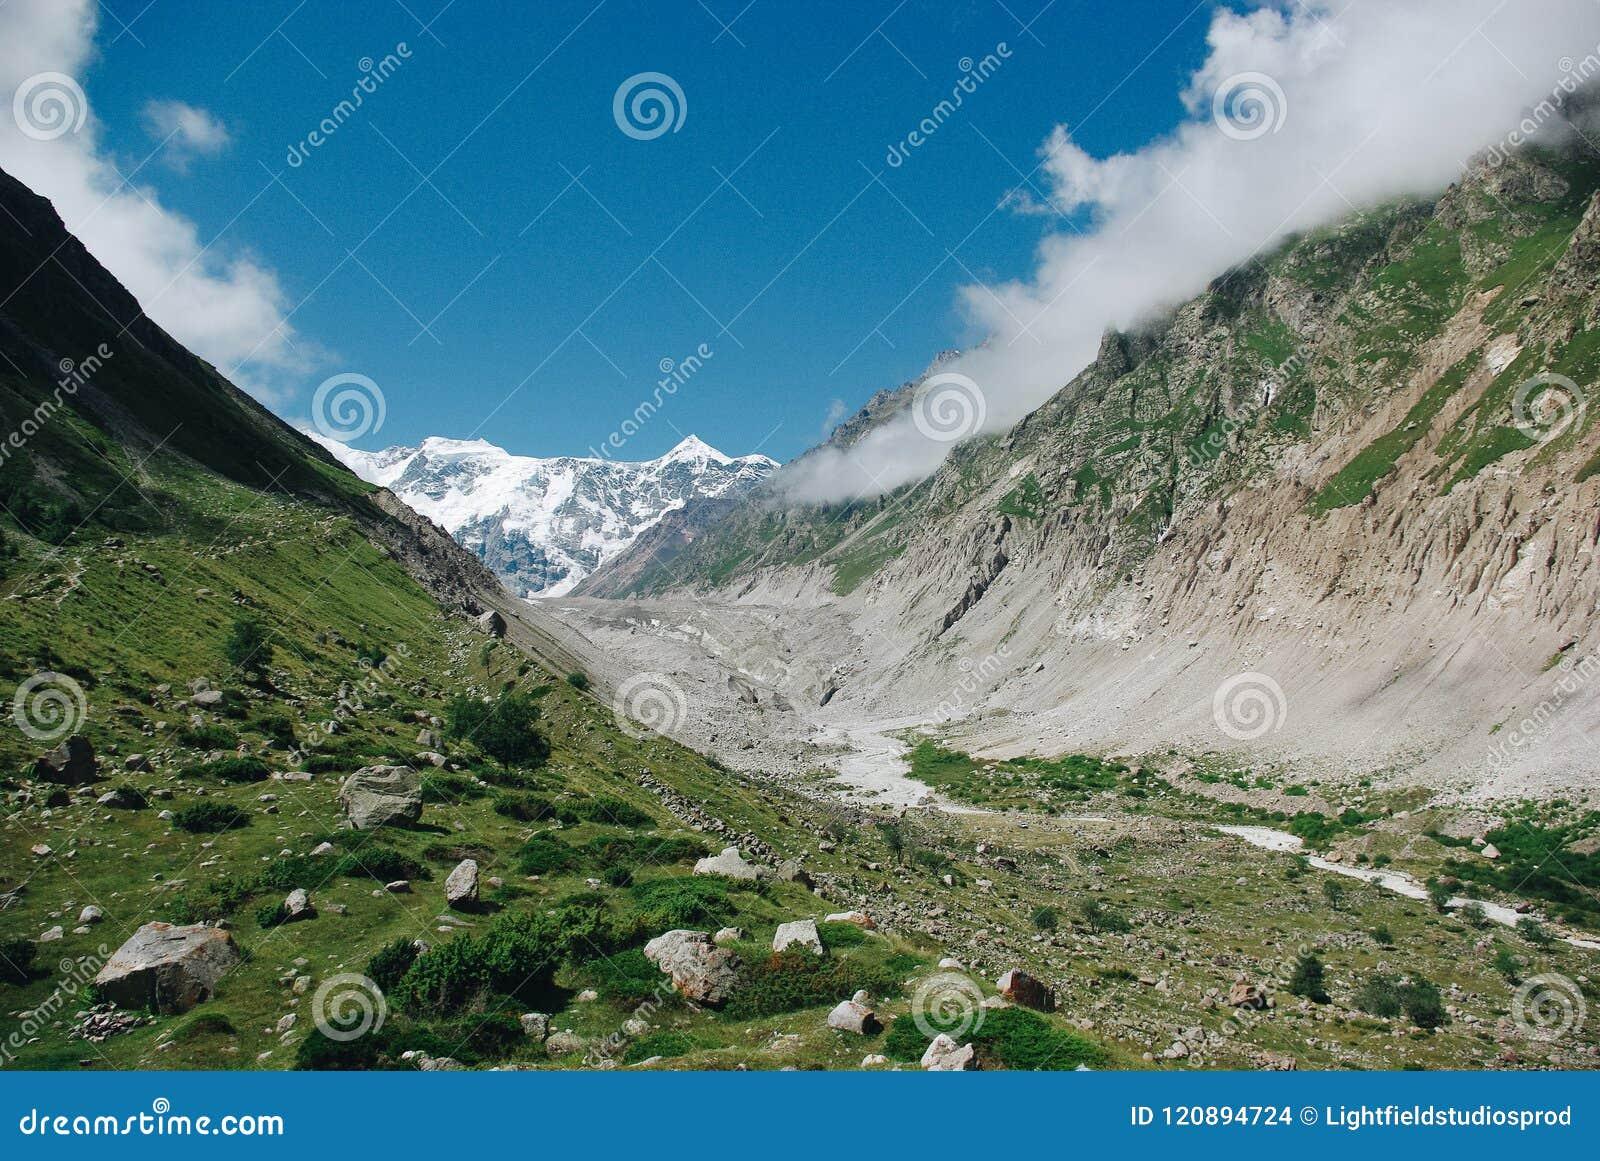 Barranco hermoso en la región verde de las montañas, Federación Rusa, el Cáucaso,